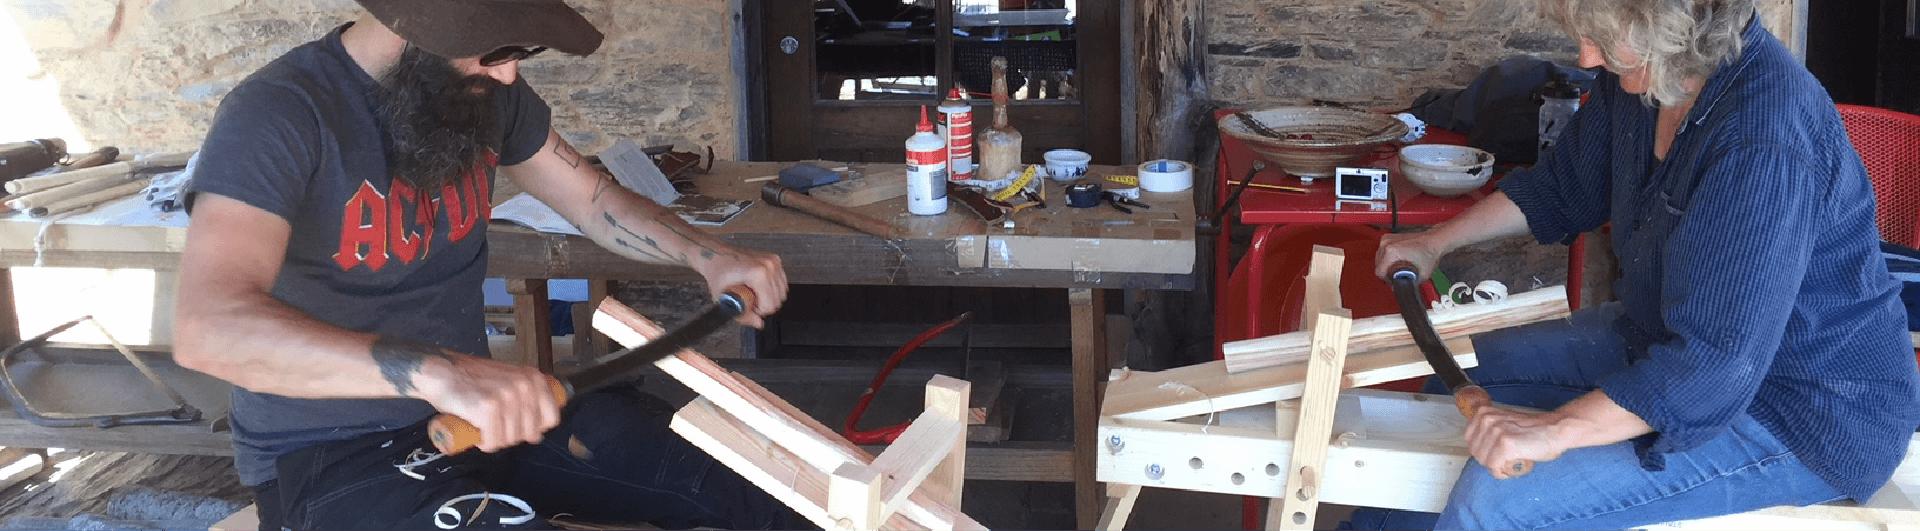 Trabalhar madeira verde workshop